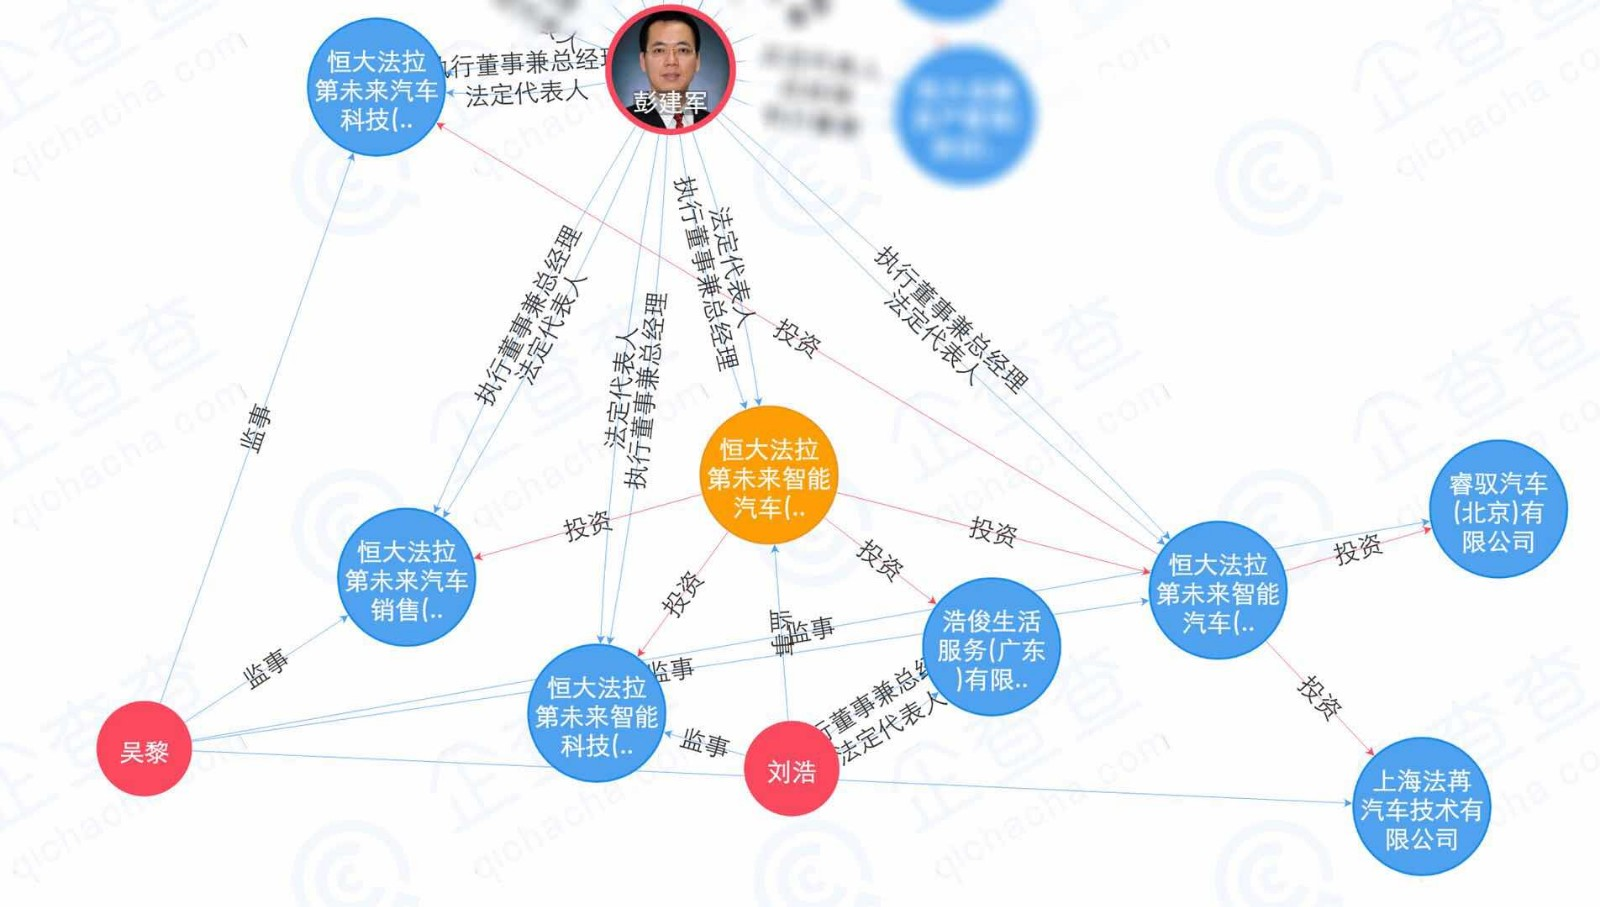 许家印中国国内布局汽车产业 至少已拥有8家与汽车业务相关公司_图1-3